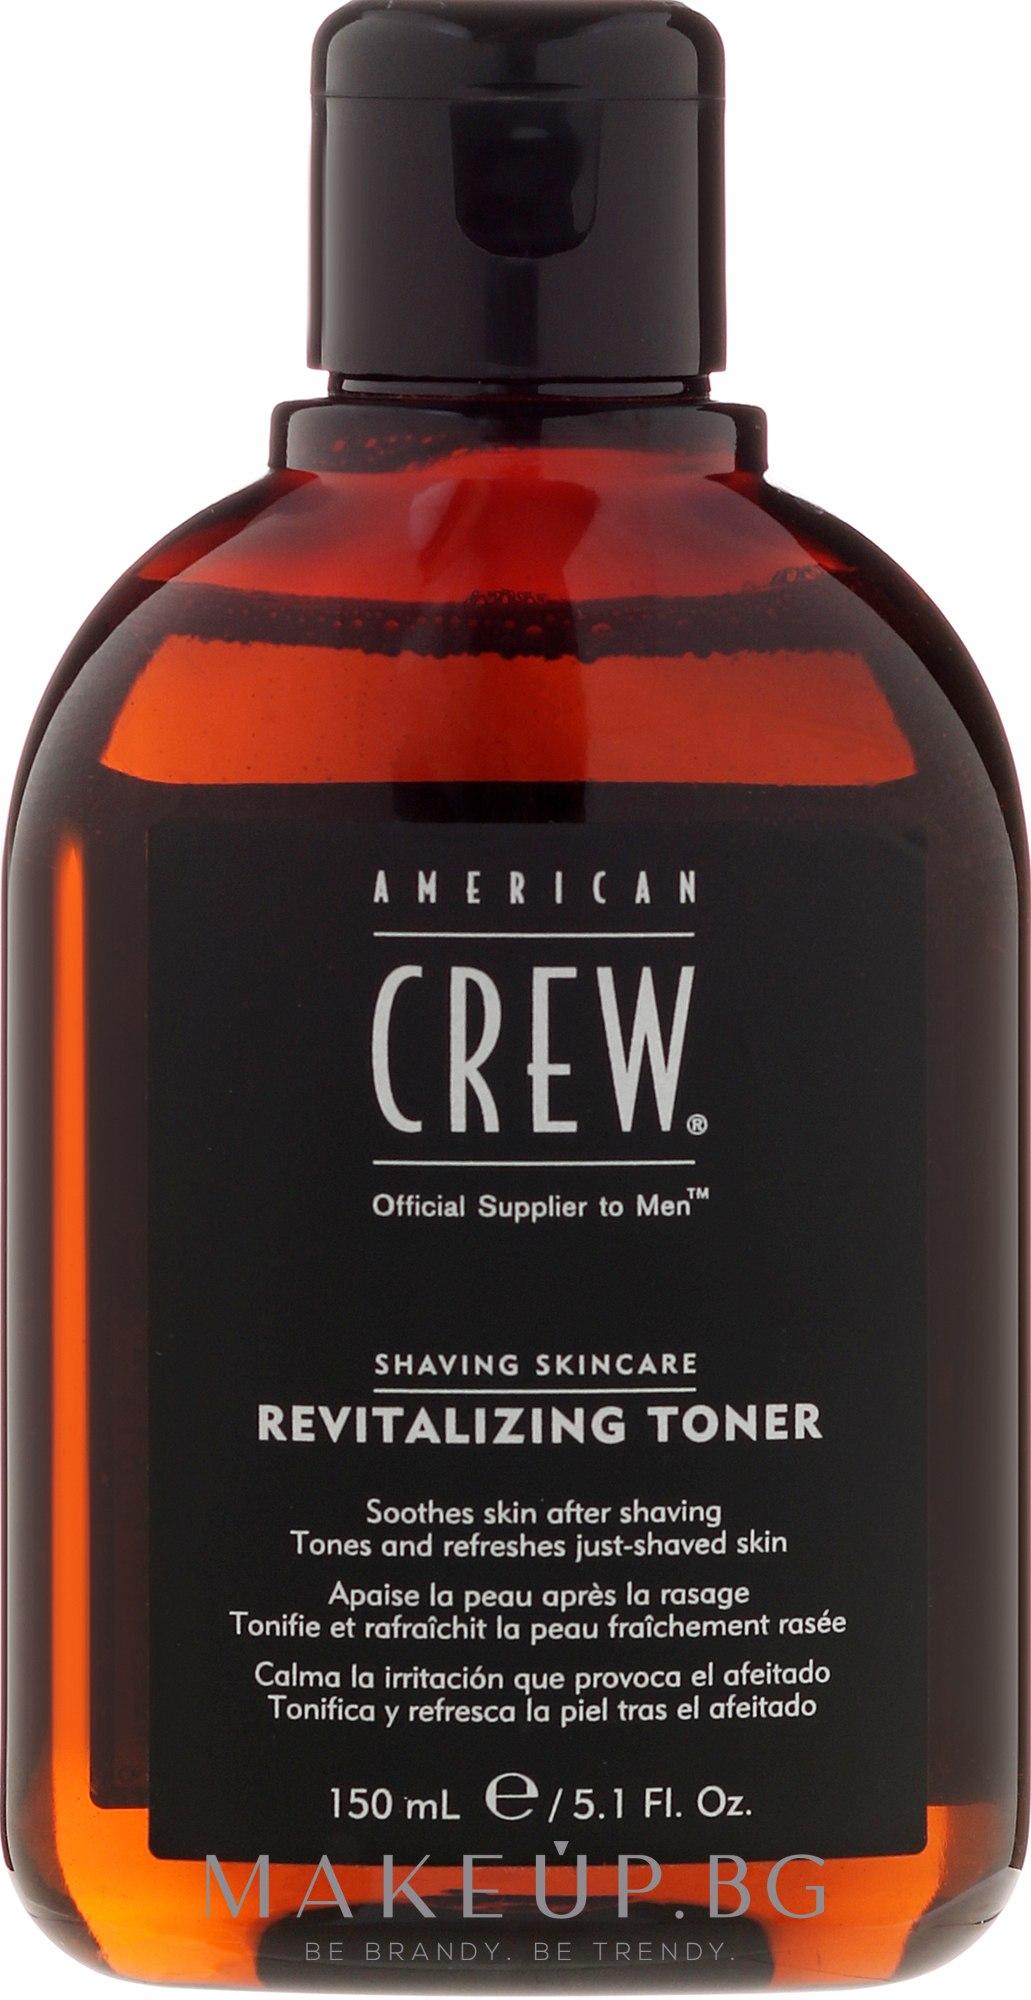 Лосион след бръснене - American Crew Revitalizing Toner — снимка 150 ml